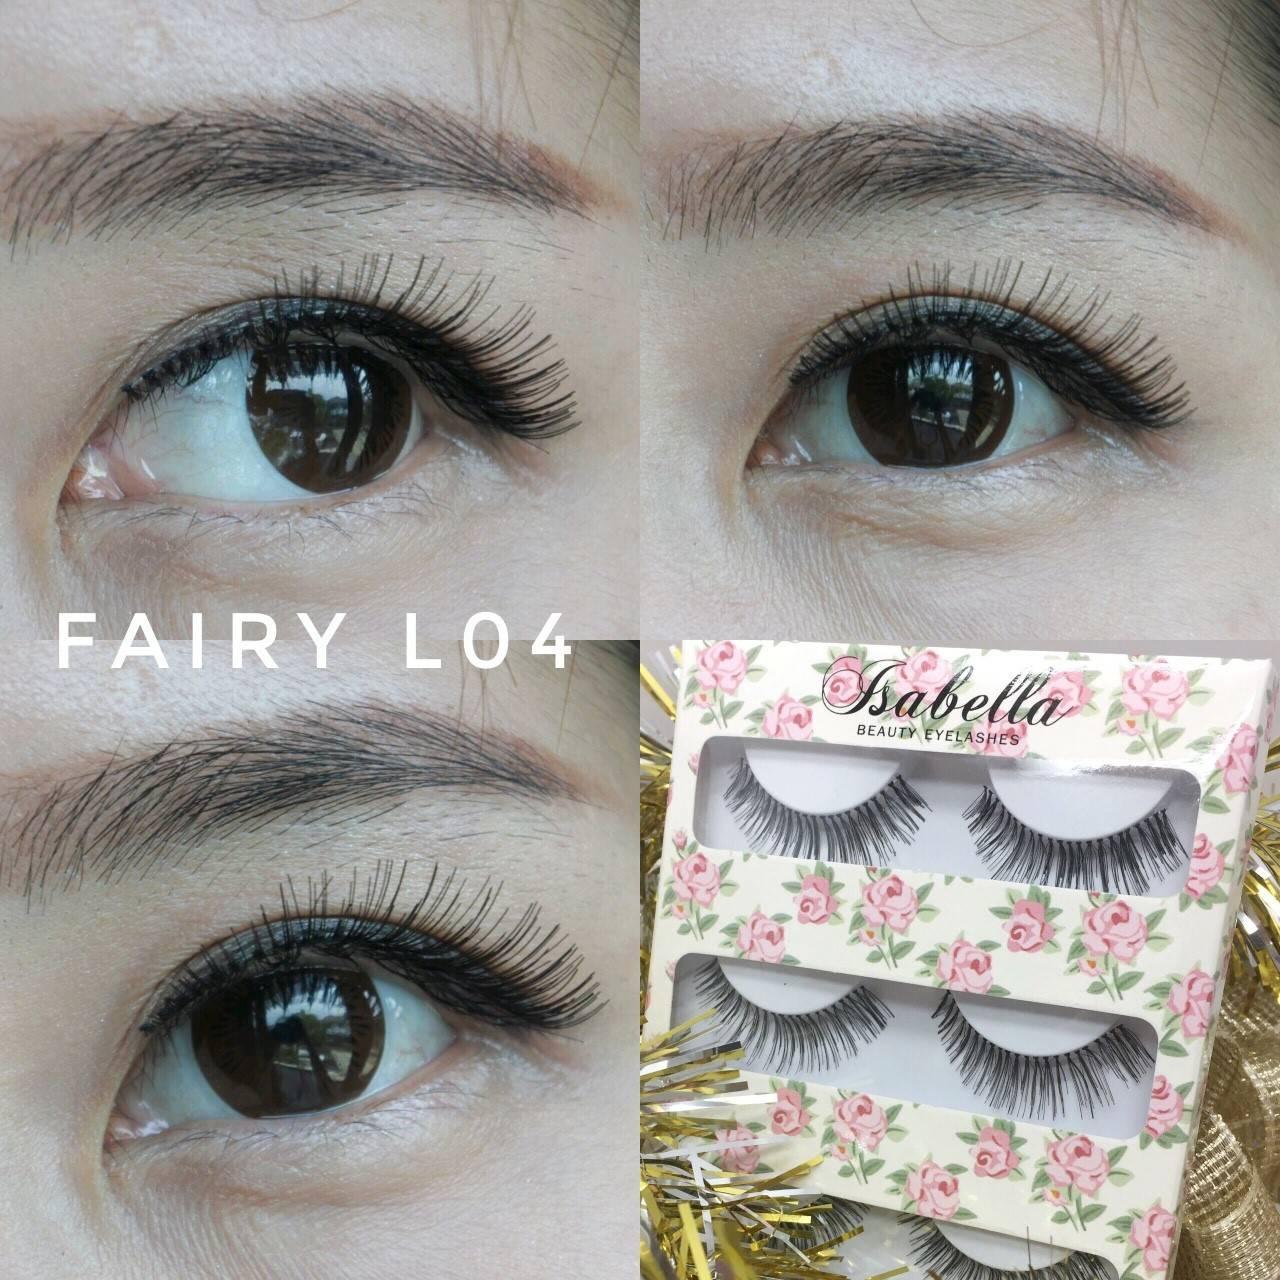 Isabella Beauty Eyelashes : Bulu Mata Palsu Fairy L04 isi 3 pasang